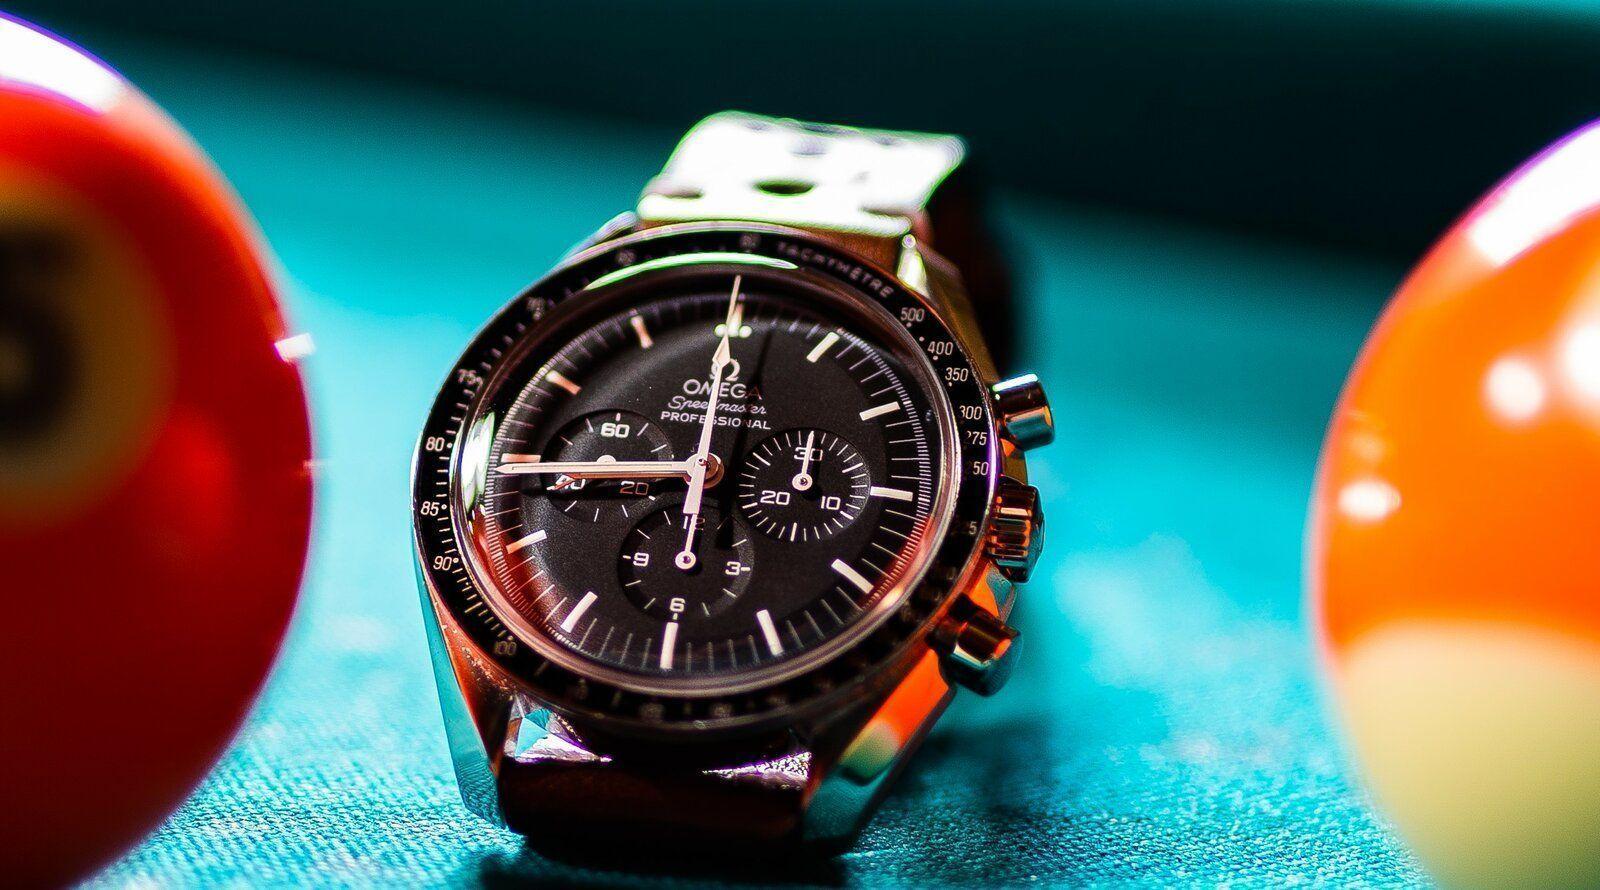 Reloj-Billar-1-39 bis.jpg